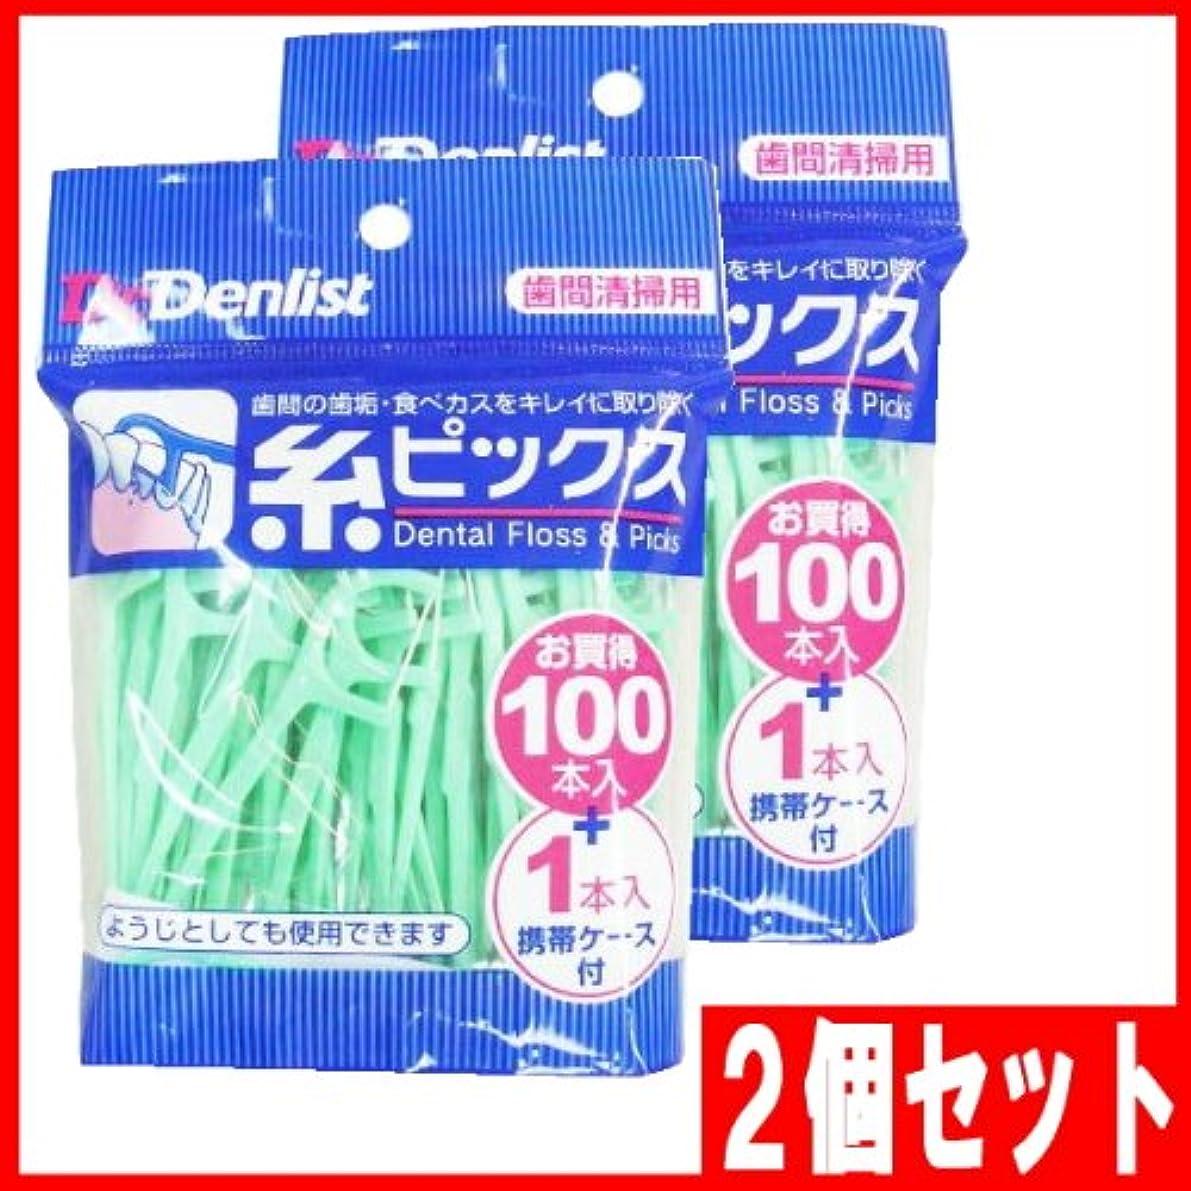 しないハーネスソースDr.デンリスト 糸ピックス(歯間清掃用) 100本+1本(携帯ケース付) 2個セット